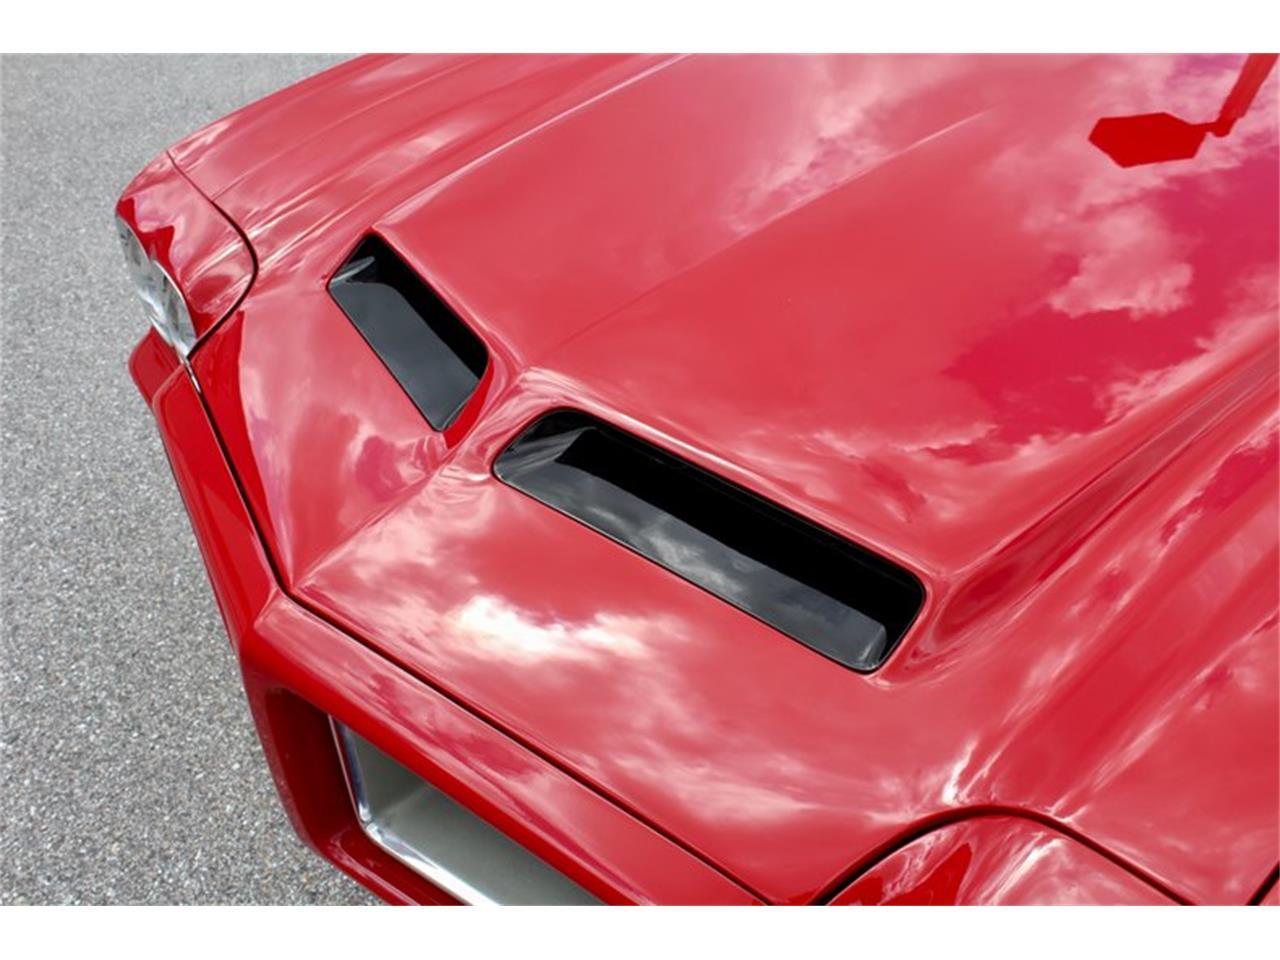 Large Picture of '72 Pontiac LeMans - $19,500.00 - PUAK